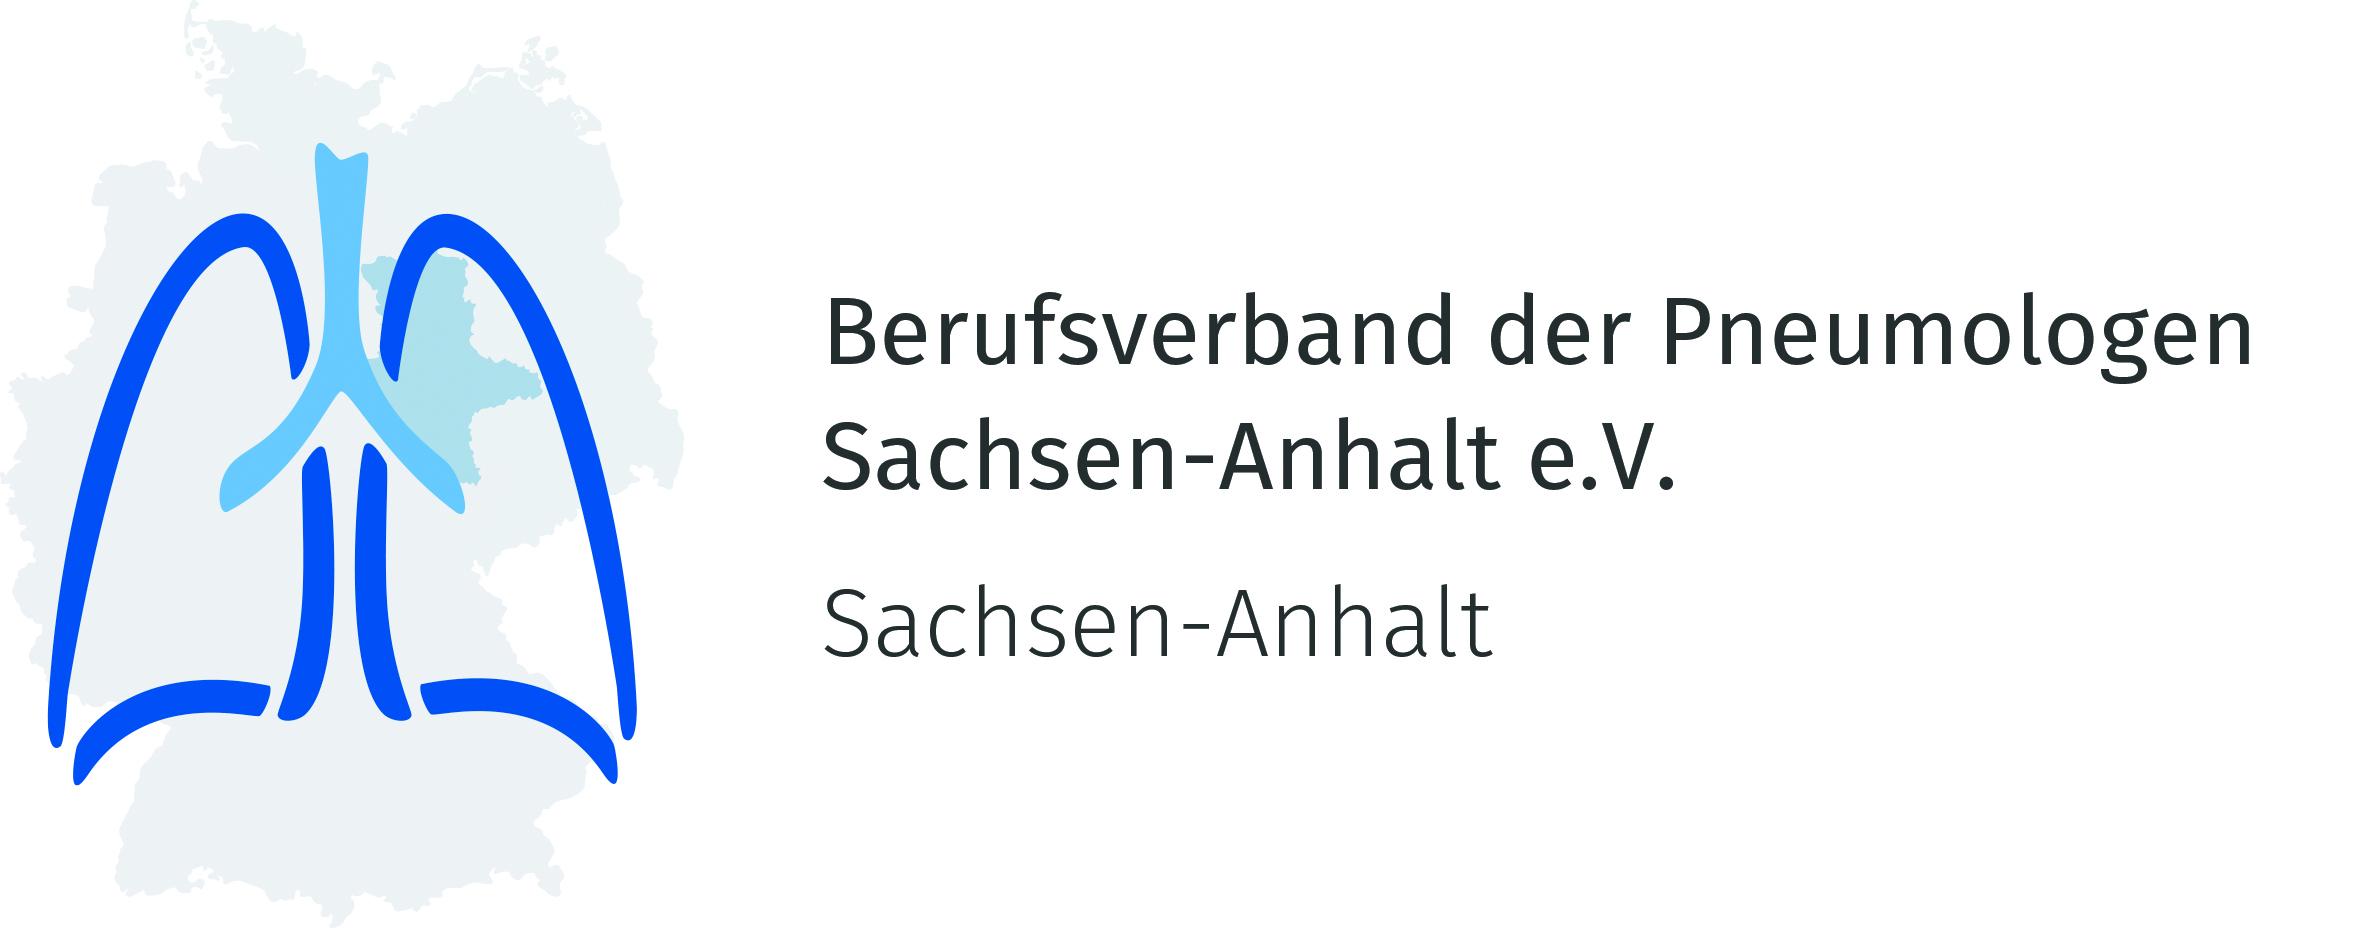 Logo Berufsverband Pneumologen Sachsen-Anhalt